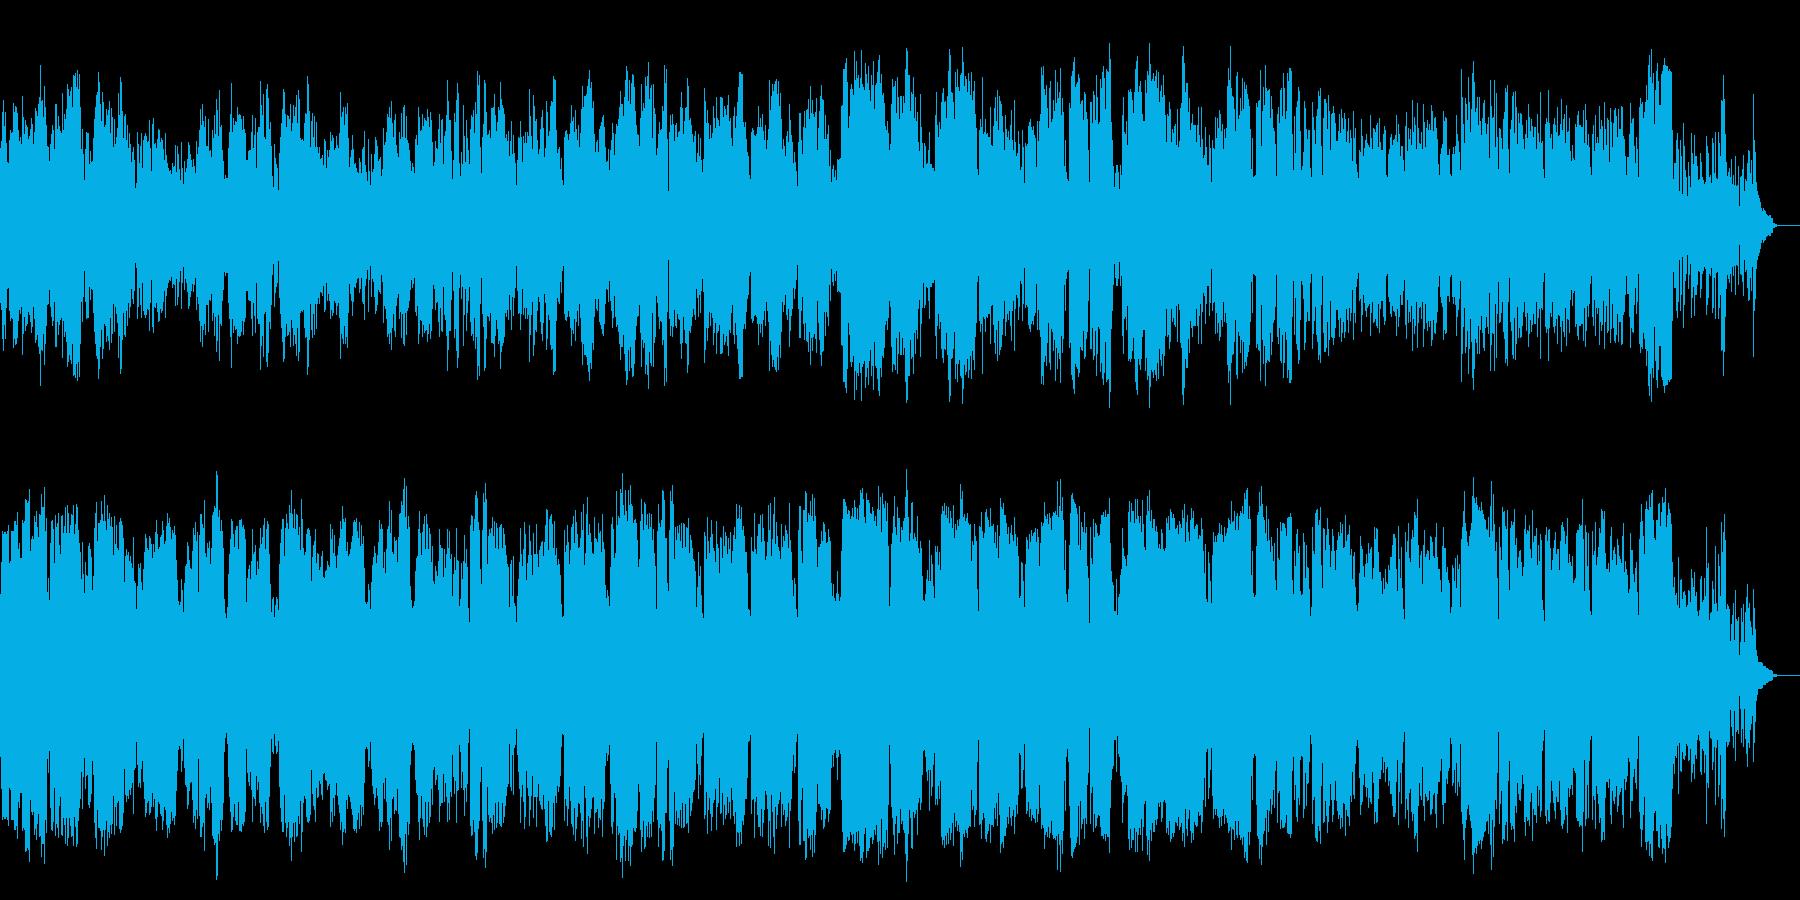 管楽器による哀愁感のあるメロディアスな曲の再生済みの波形